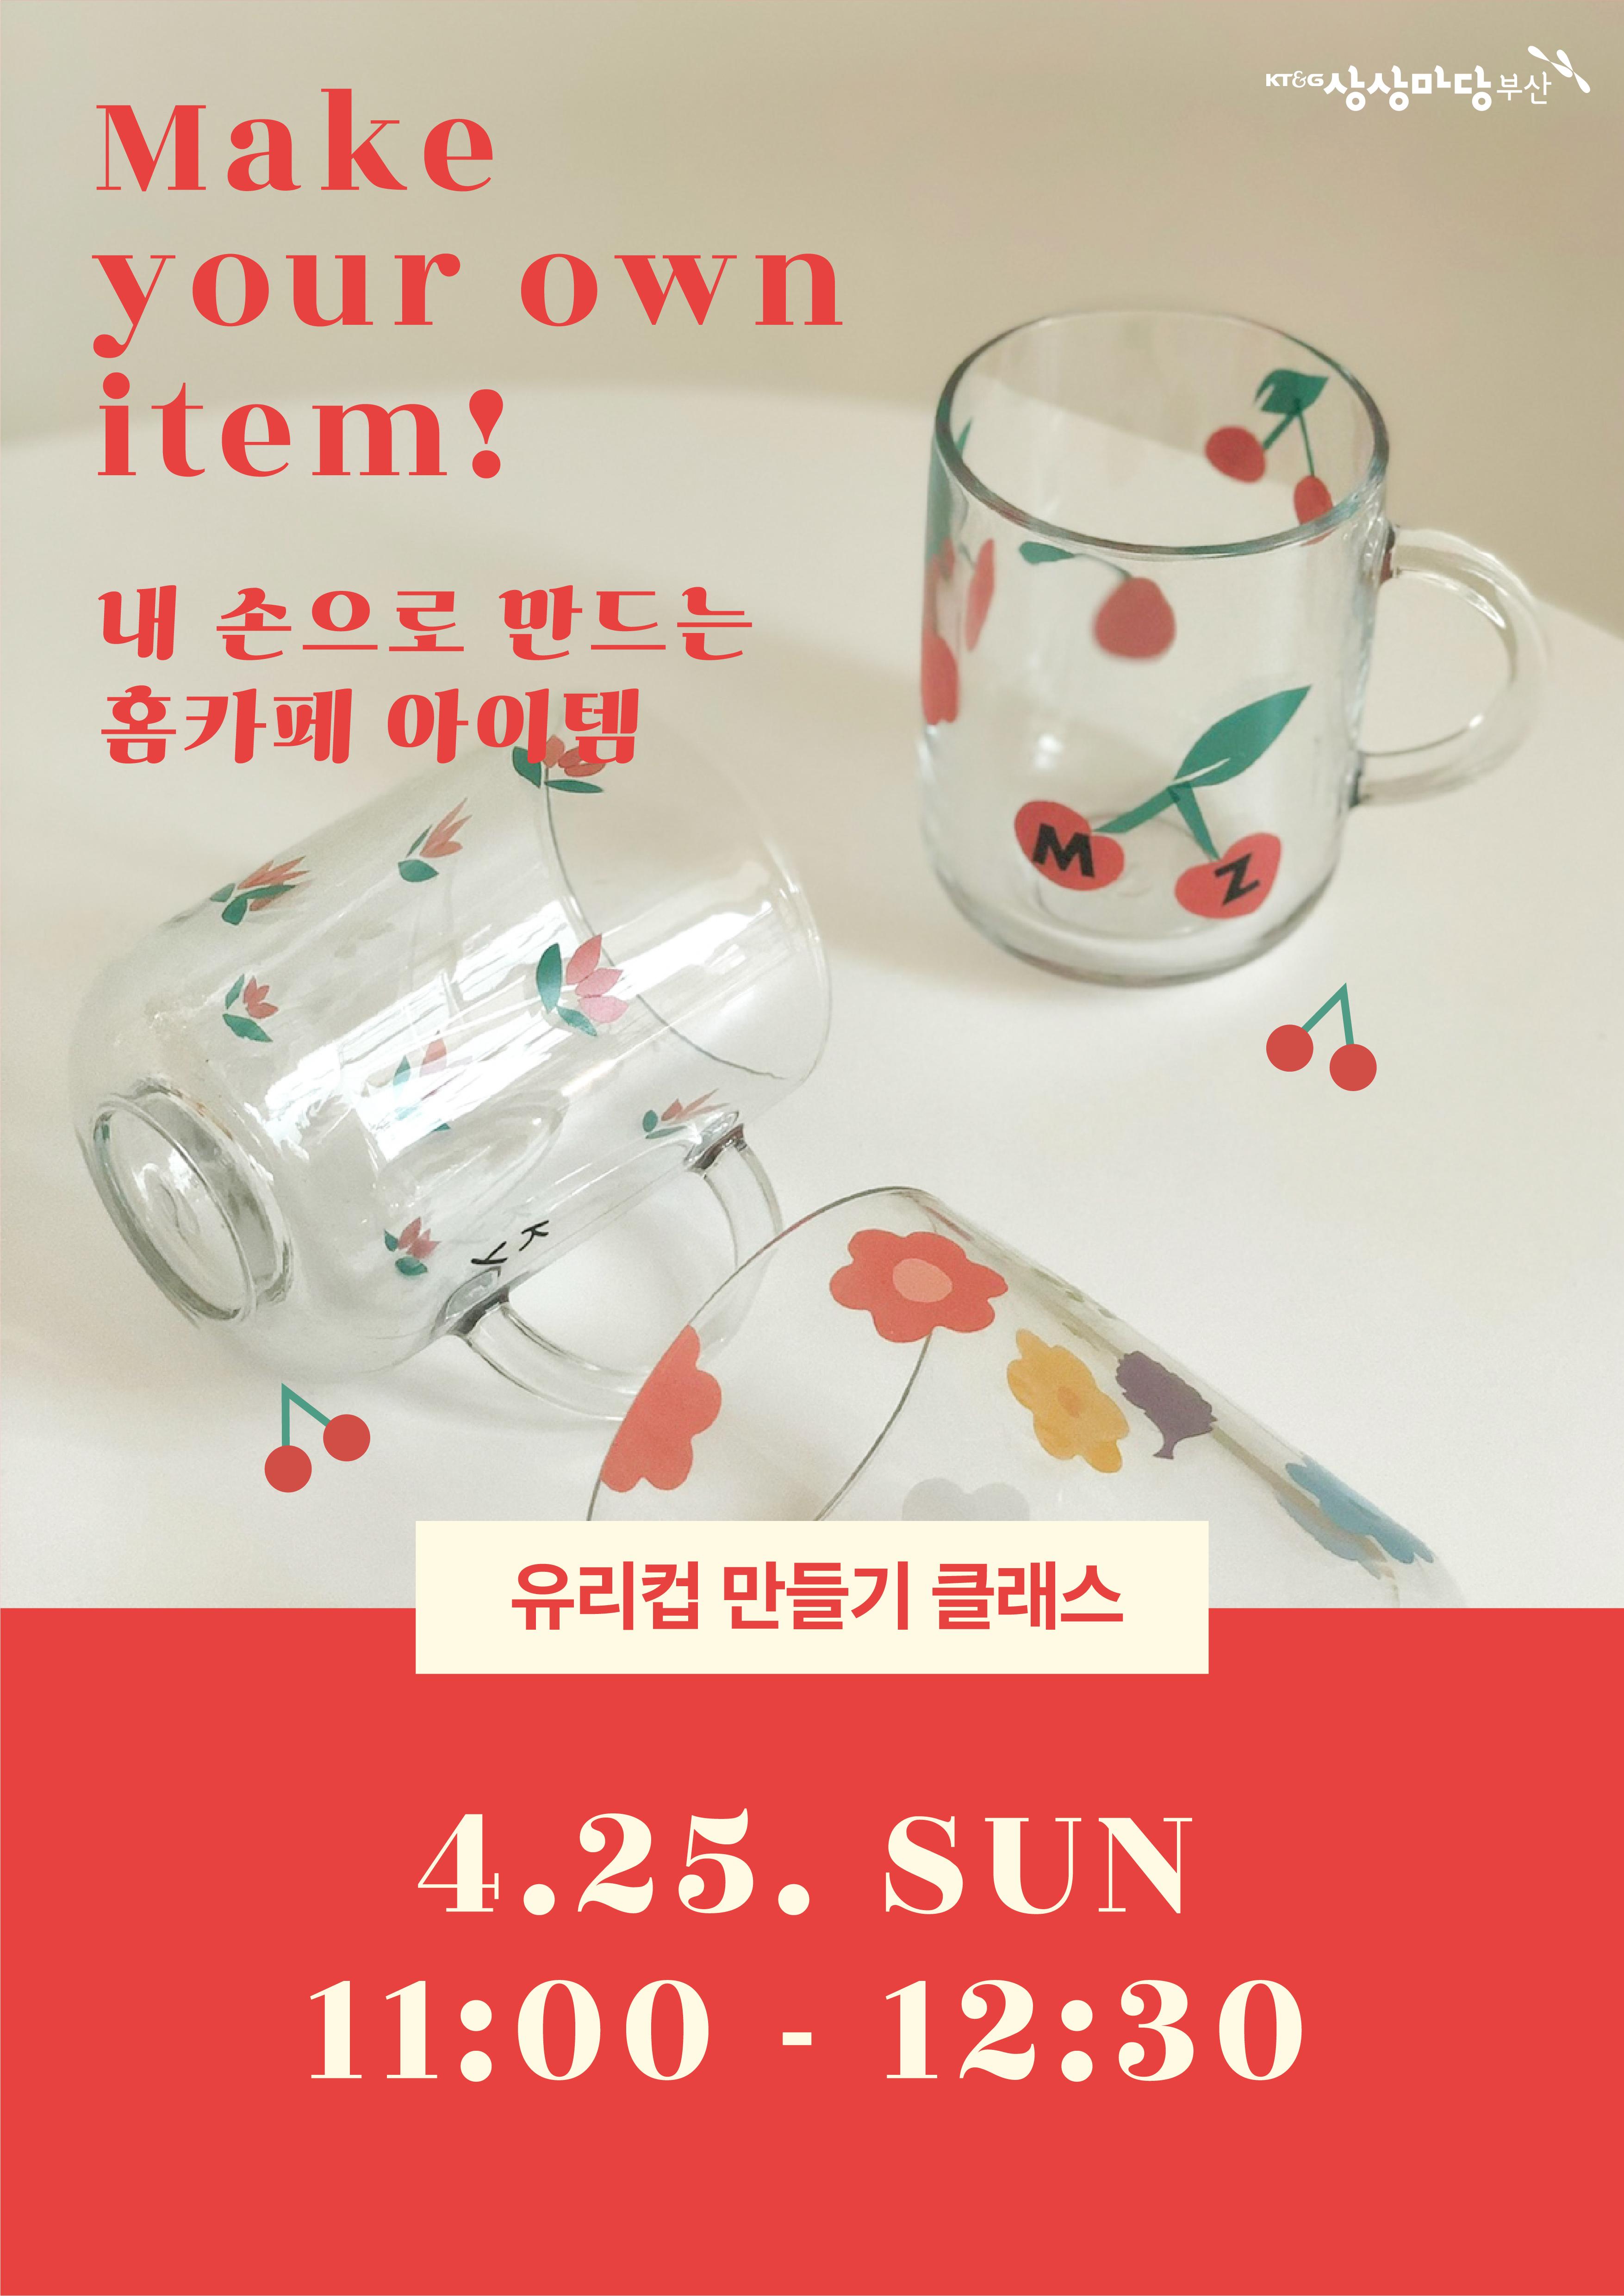 유리컵 만들기 클래스 - 4월 25일 (일) 11:00-12:30